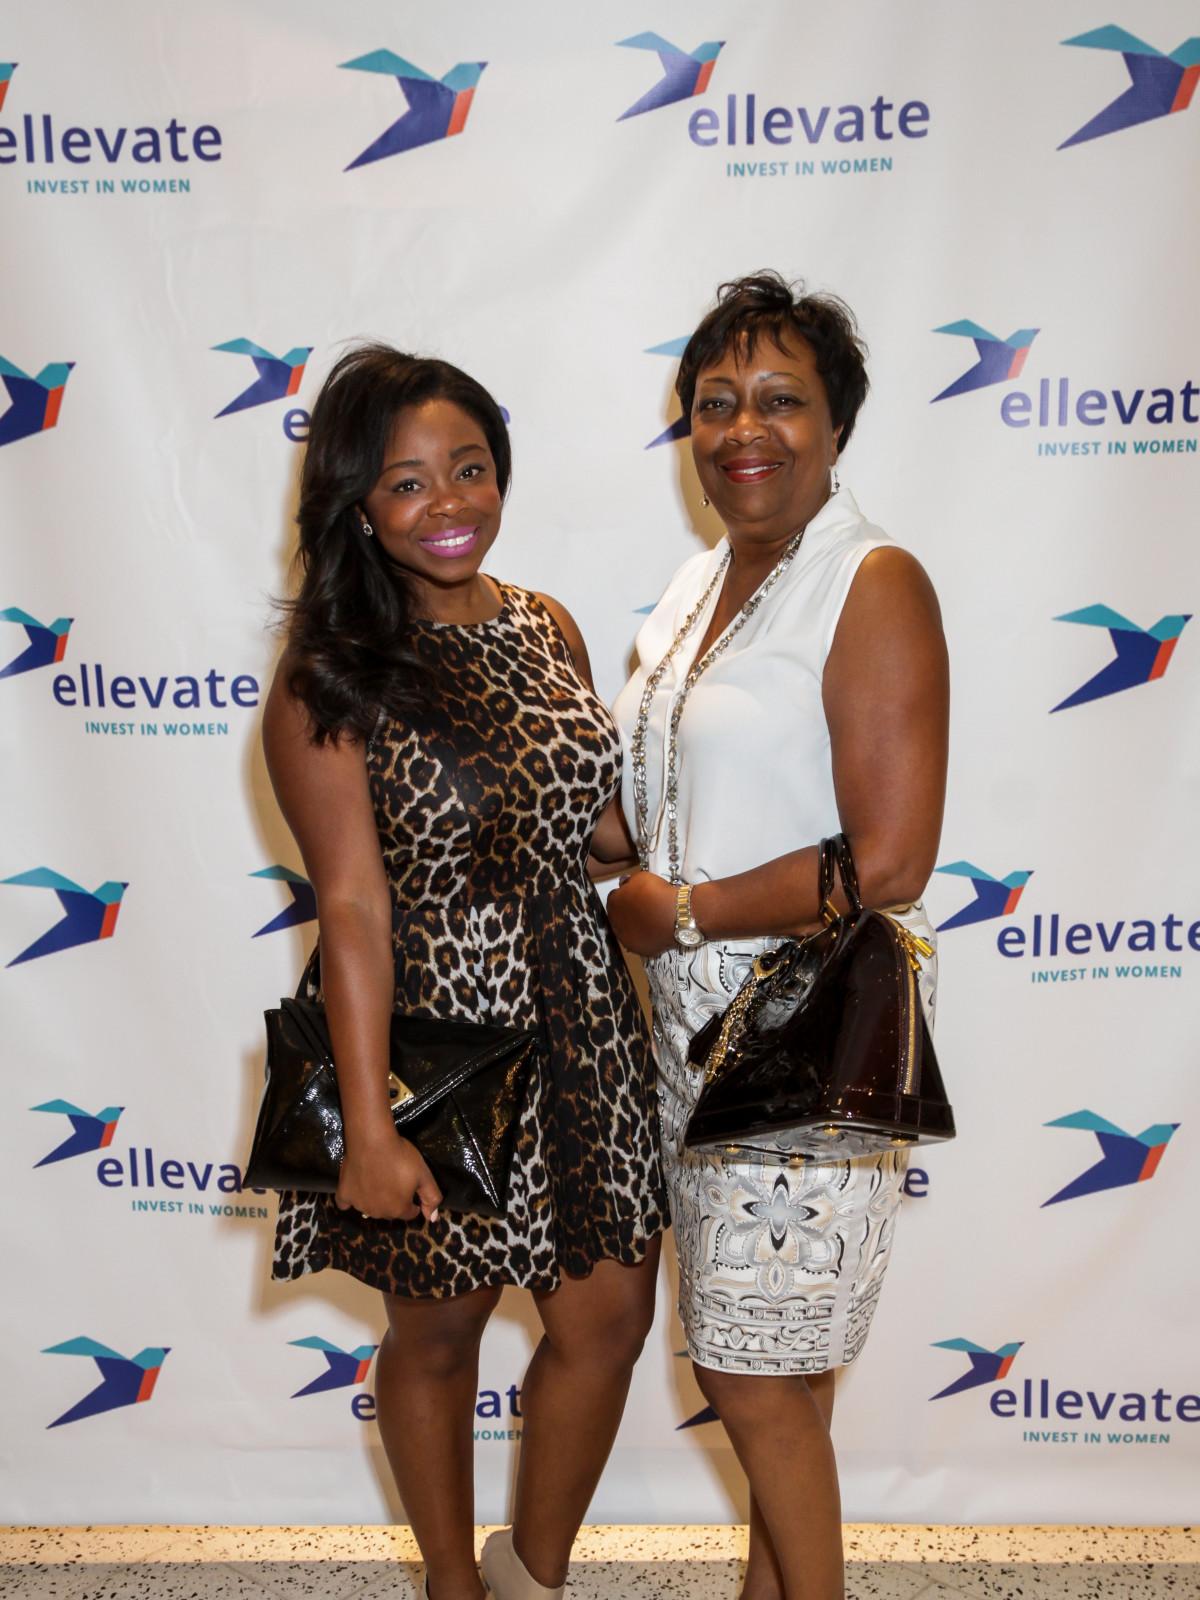 Houston, Ellevate event at Tootsies, August 2015, Kelly Cowthran, Sandra Cowthran